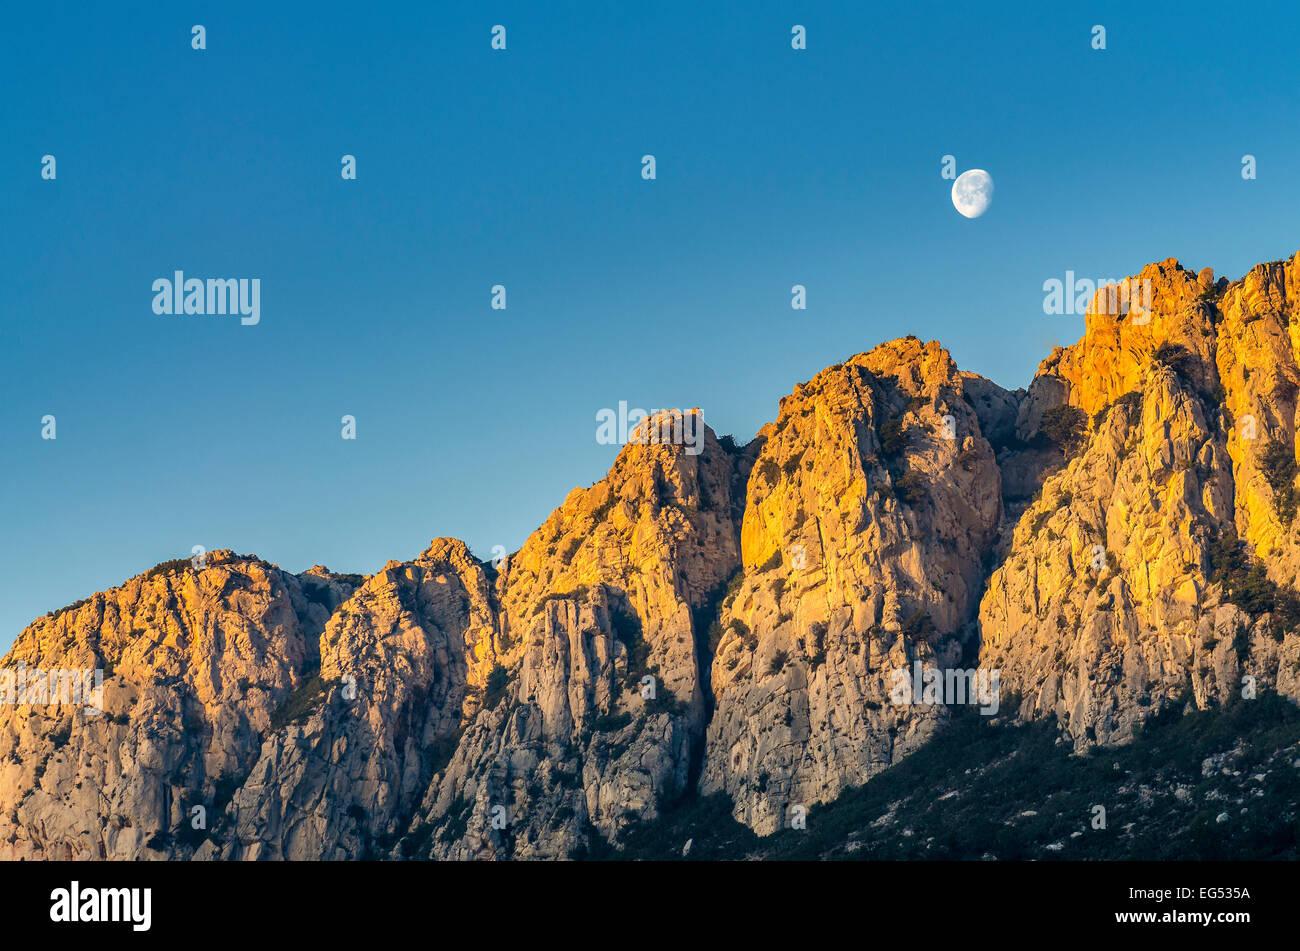 Les collines blanche Vallée de St Pons au leva du jour regione d'Aubagne 13 Francia Immagini Stock